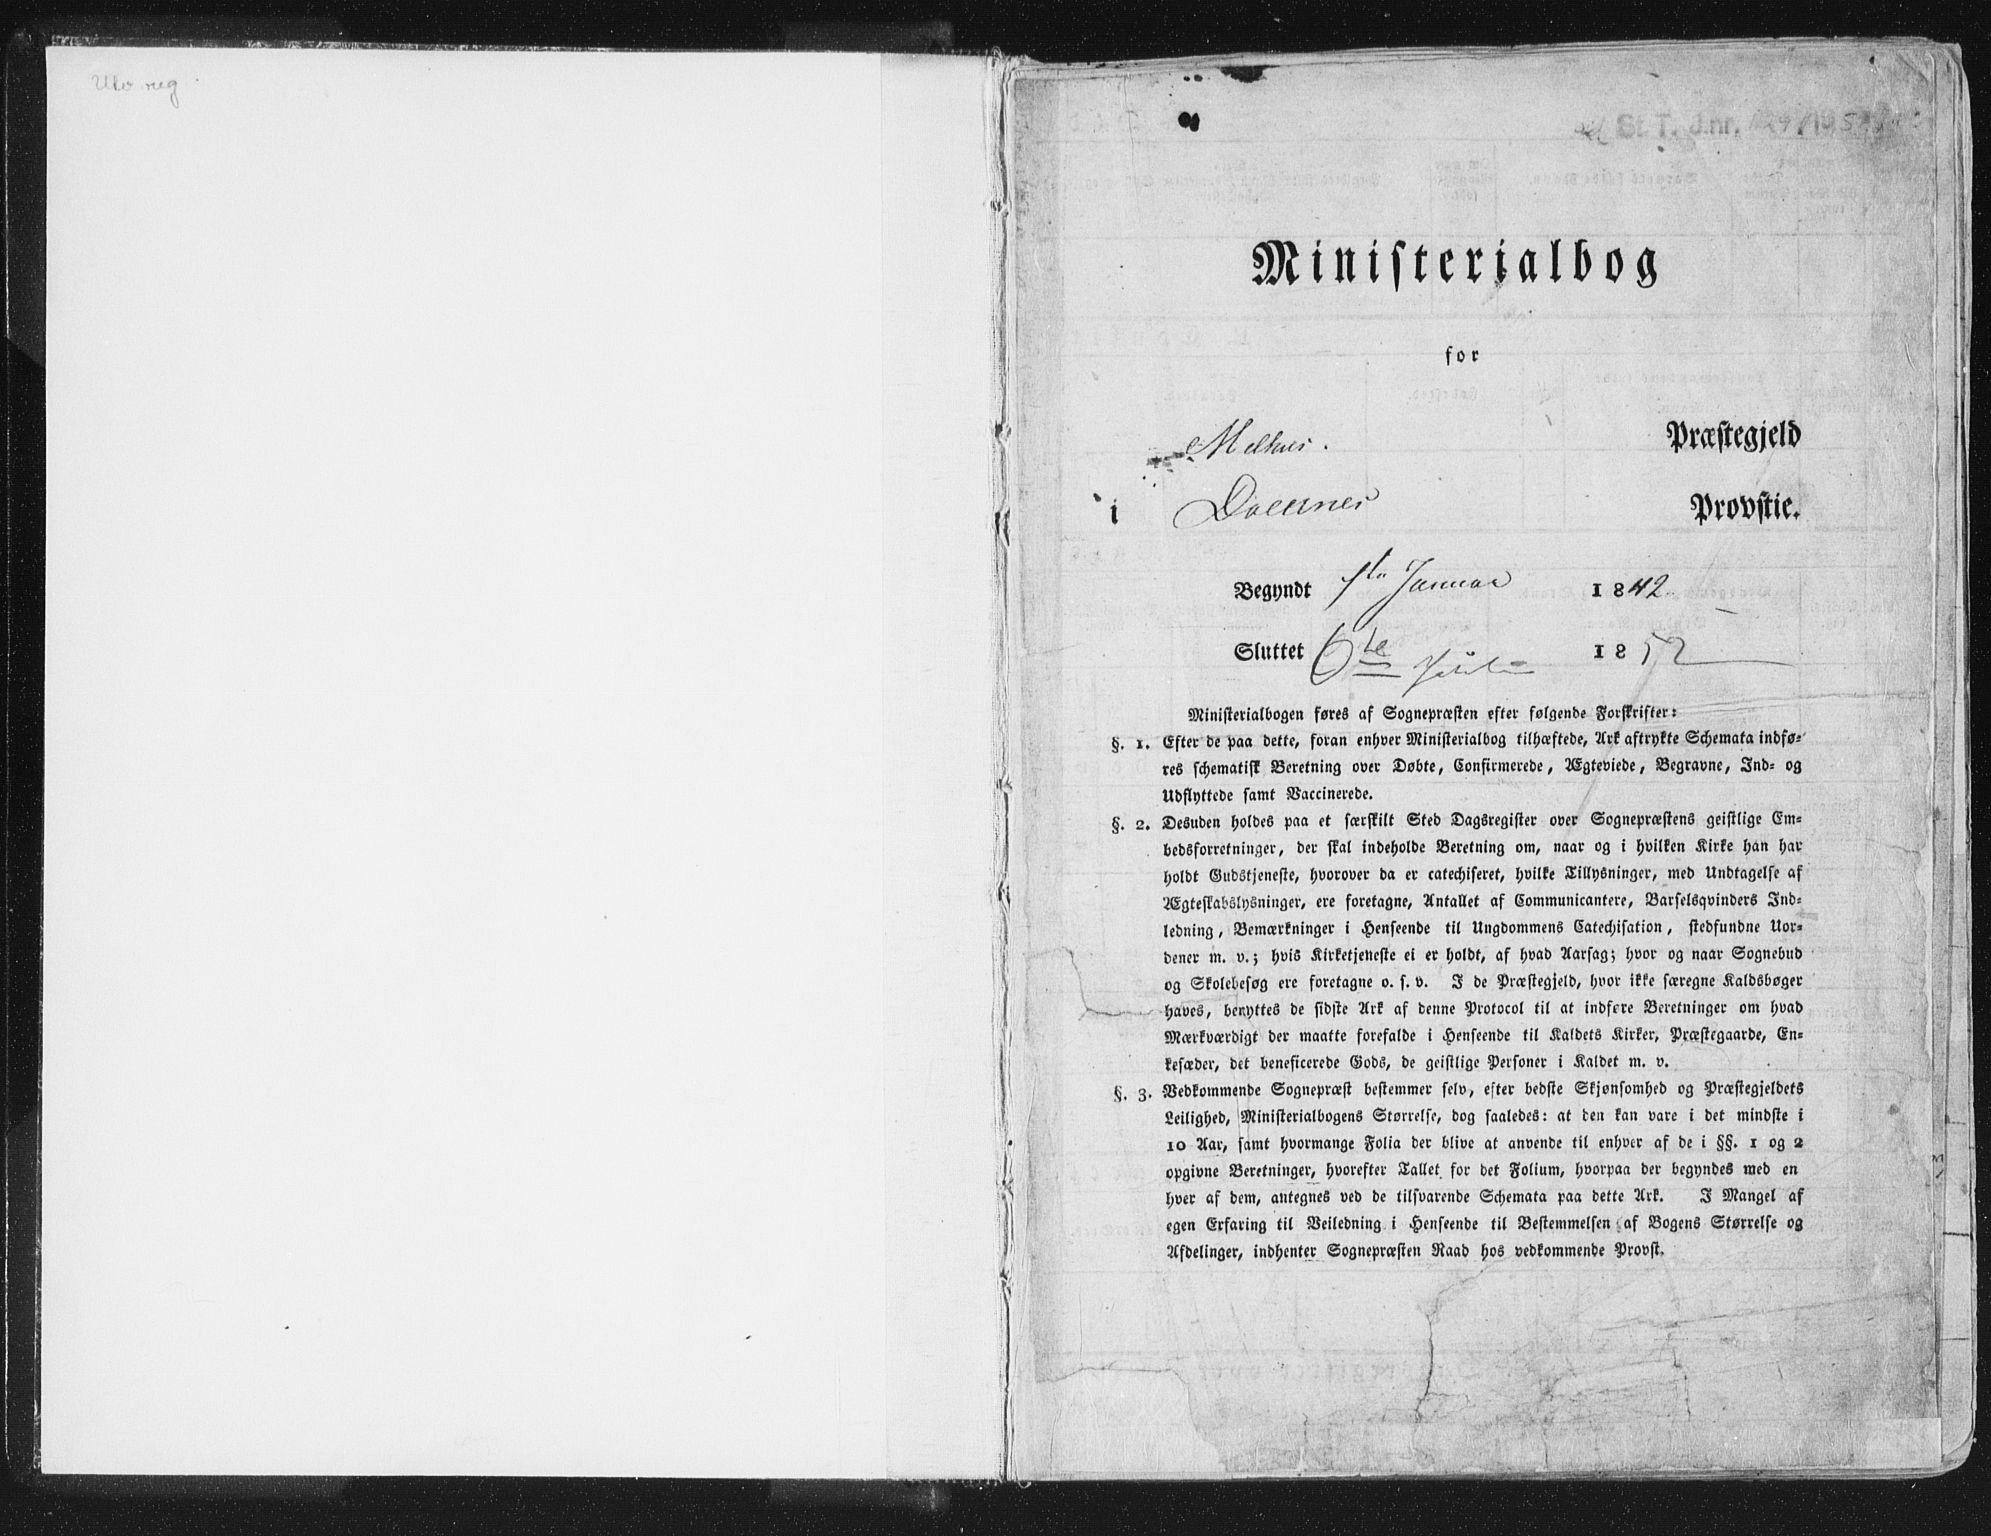 SAT, Ministerialprotokoller, klokkerbøker og fødselsregistre - Sør-Trøndelag, 691/L1074: Ministerialbok nr. 691A06, 1842-1852